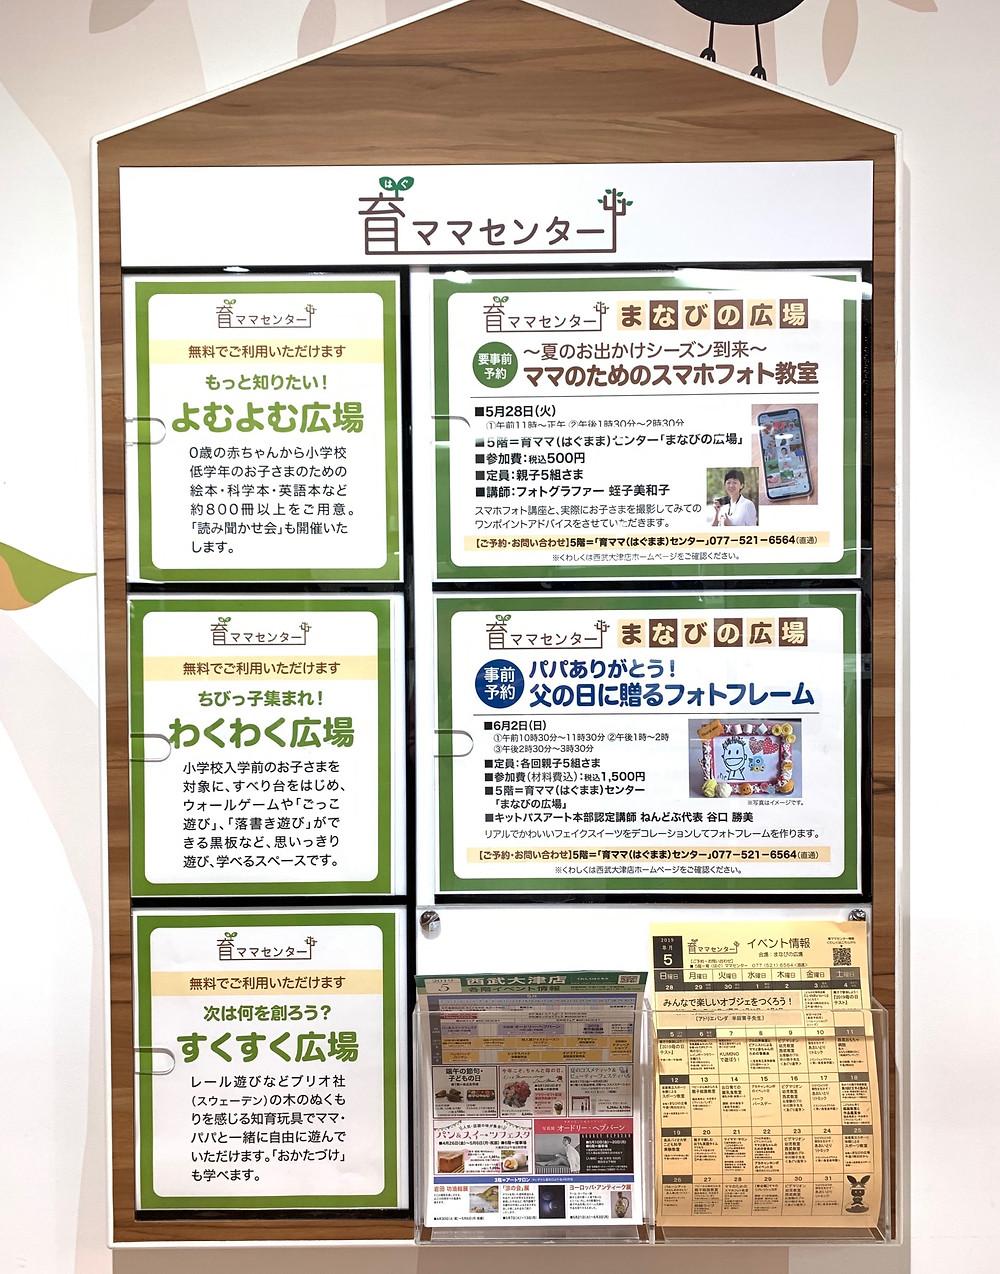 スマホ教室 西武 カメラマン滋賀 京都出張撮影 753京都